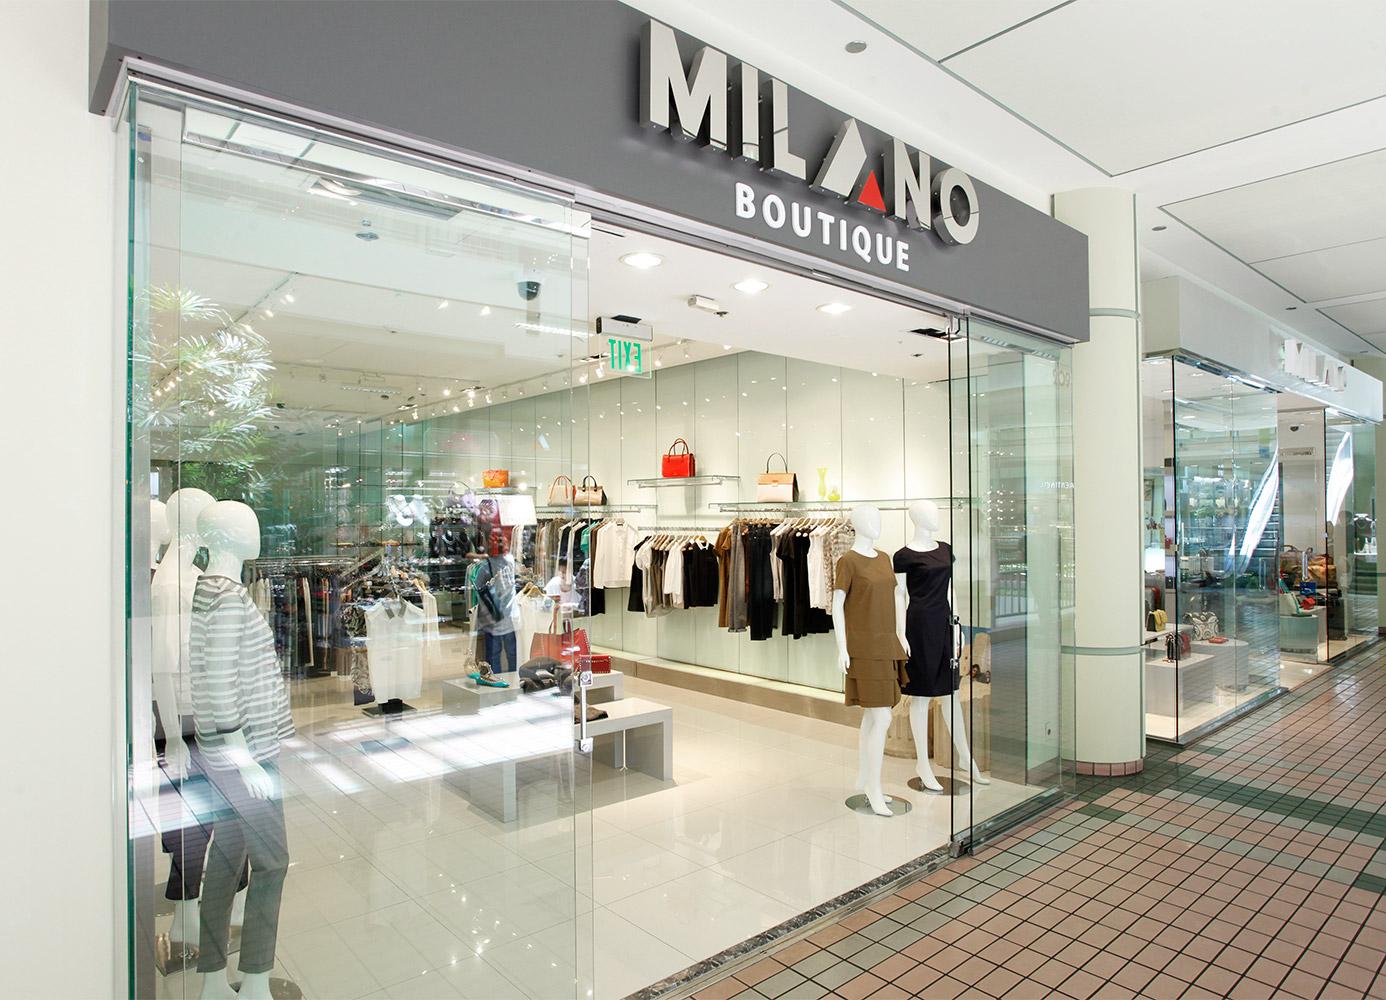 MILANO BOUTIQUE — Milano Boutique